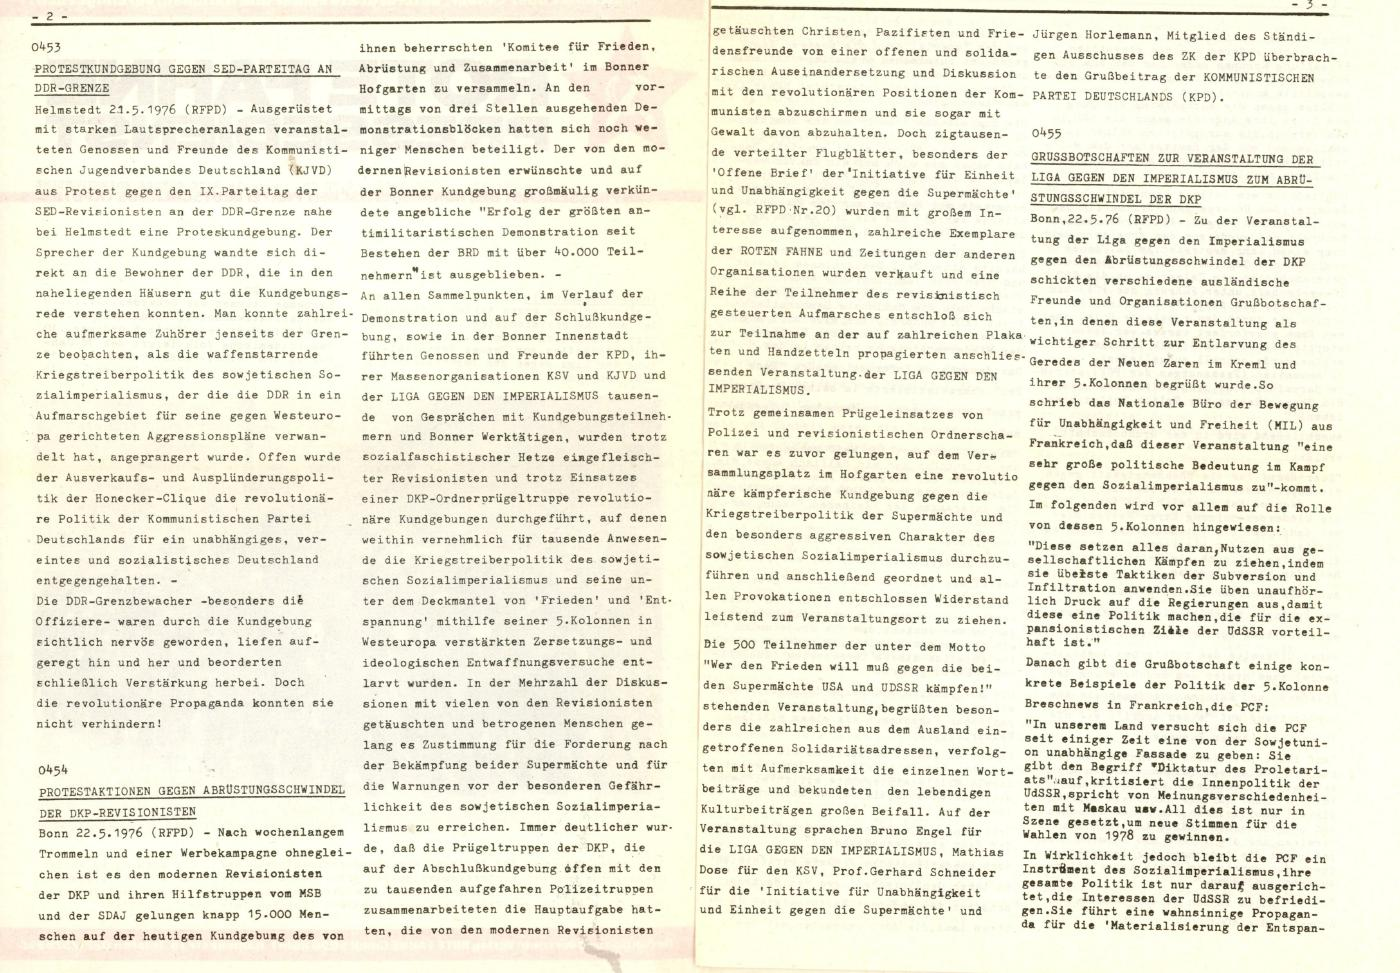 Rote_Fahne_Pressedienst_1976_21_02